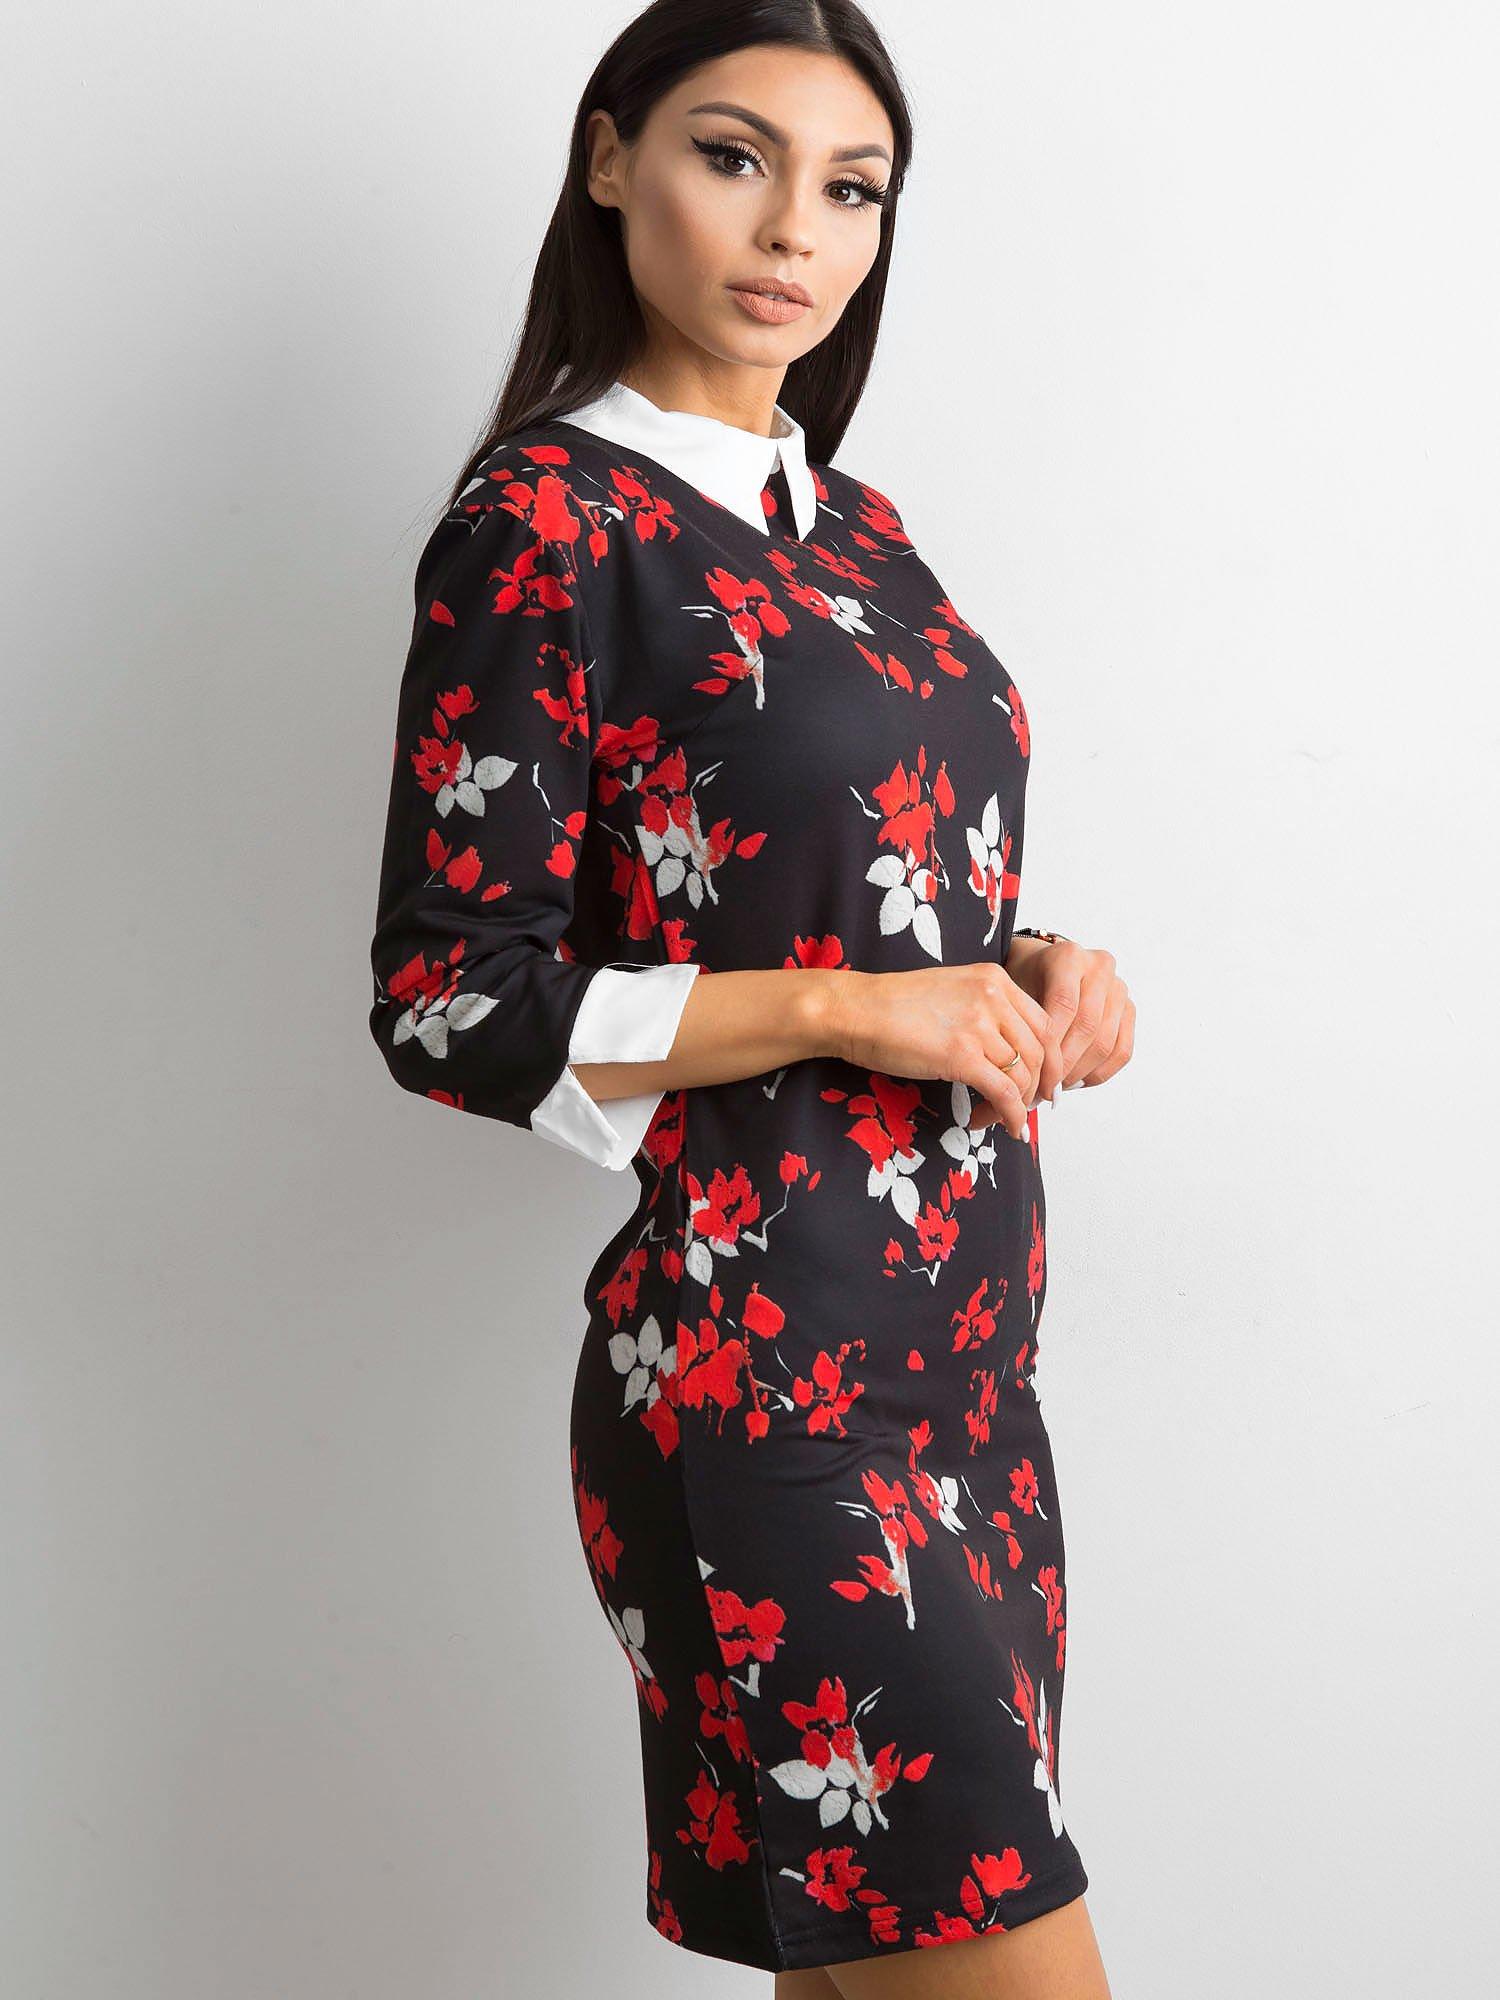 c55a71ace5 Prosta czarna sukienka w kwiaty z kołnierzykiem - Sukienka z printem -  sklep eButik.pl